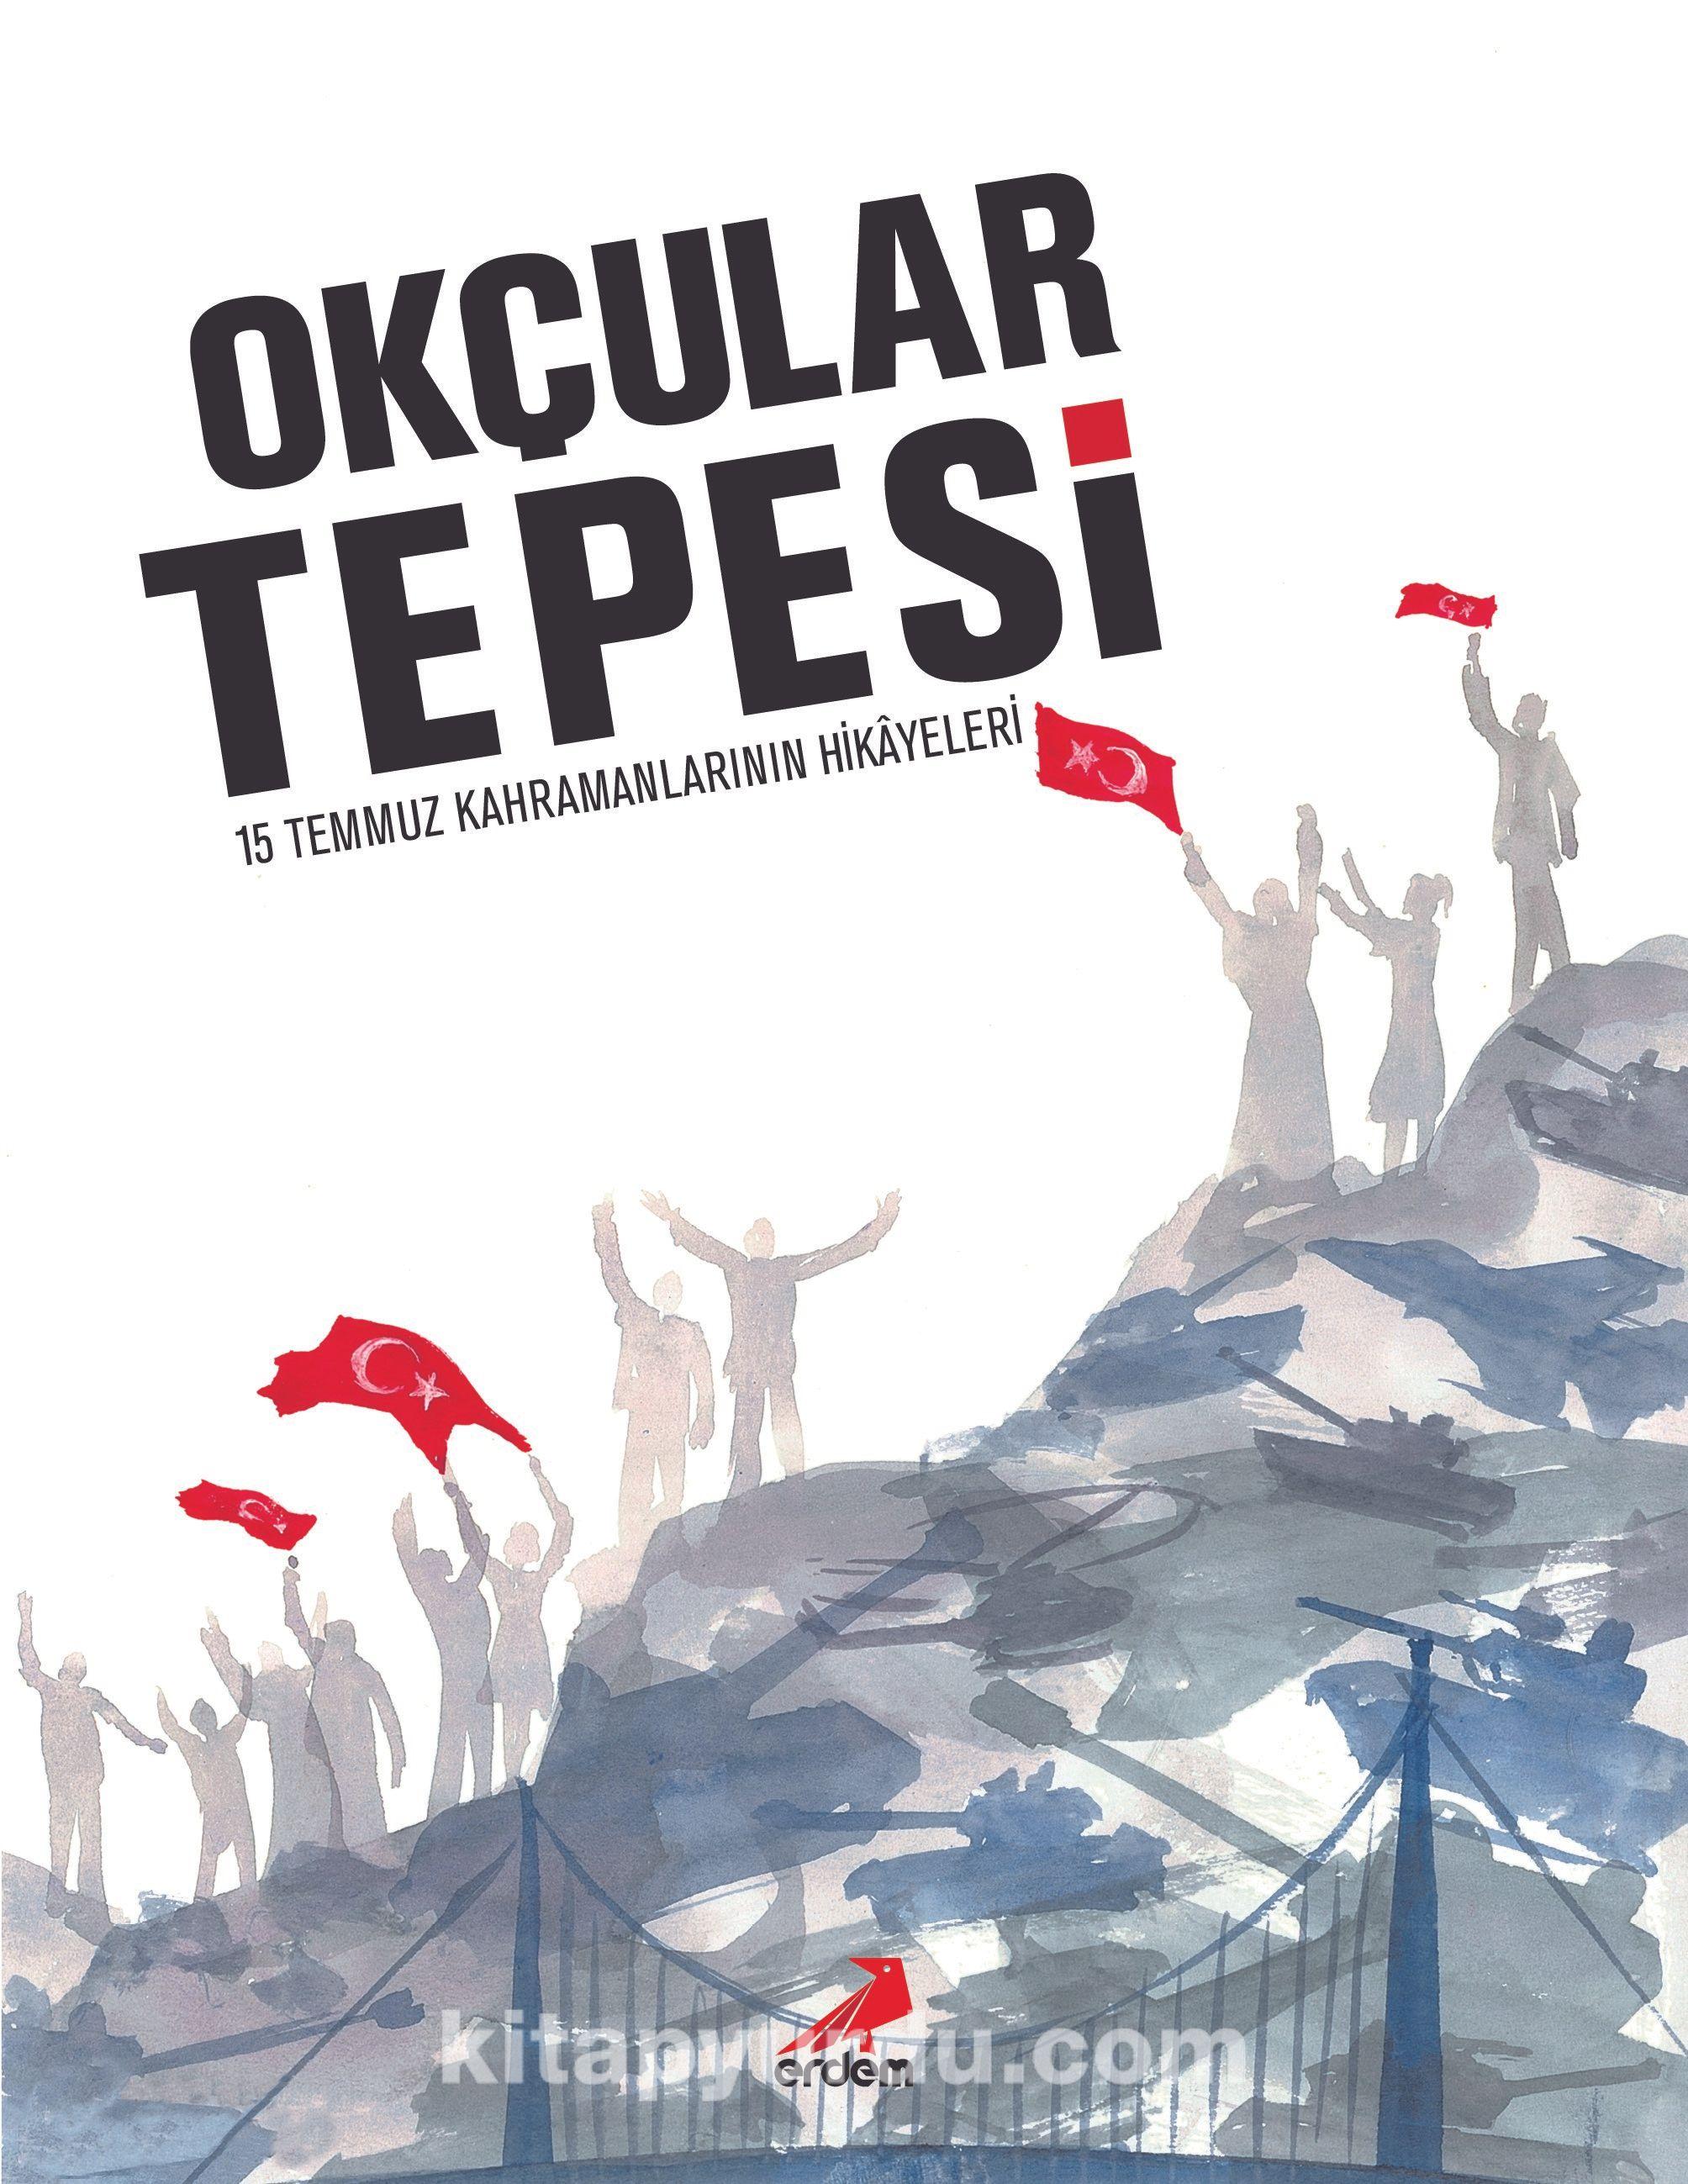 Okçular Tepesi (Ciltli) & 15 Temmuz Kahramanlarının Hikayeleri